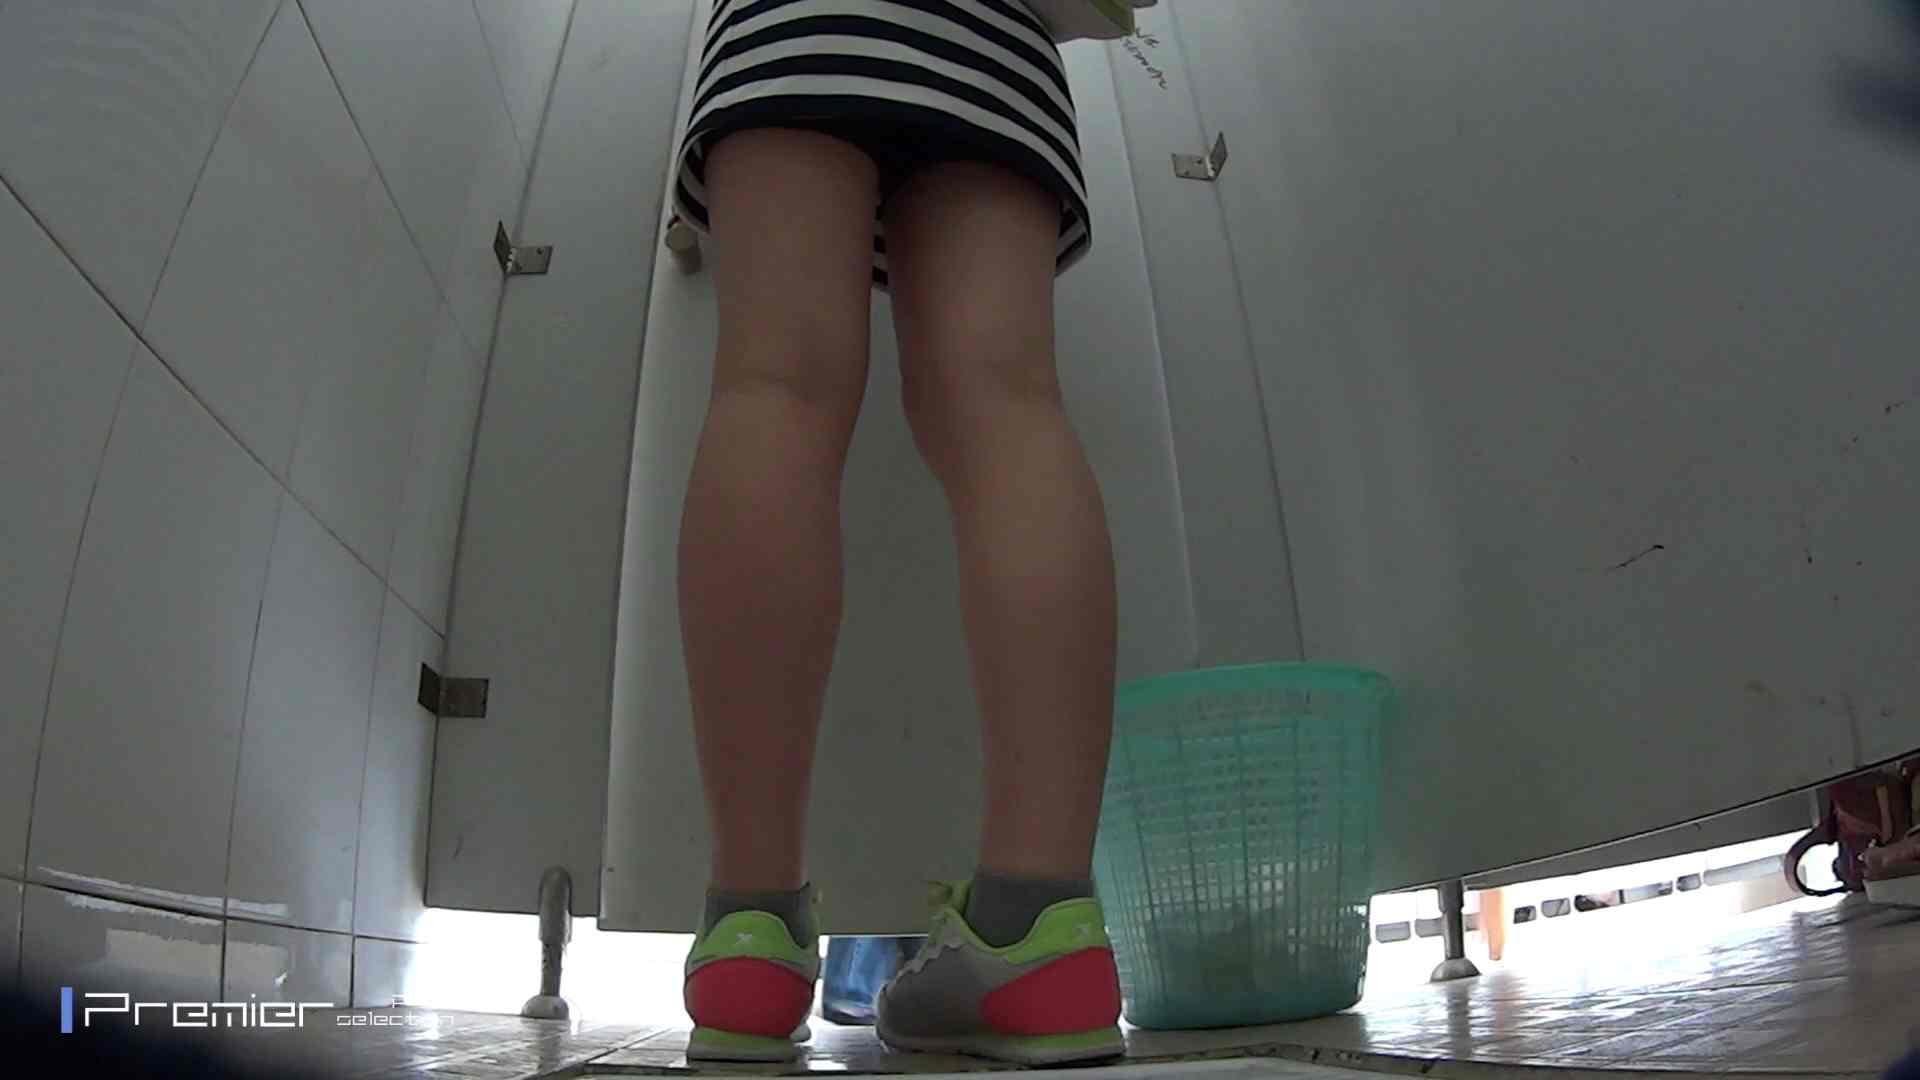 美しい女良たちのトイレ事情 有名大学休憩時間の洗面所事情06 エッチすぎる美女 AV無料動画キャプチャ 80連発 48